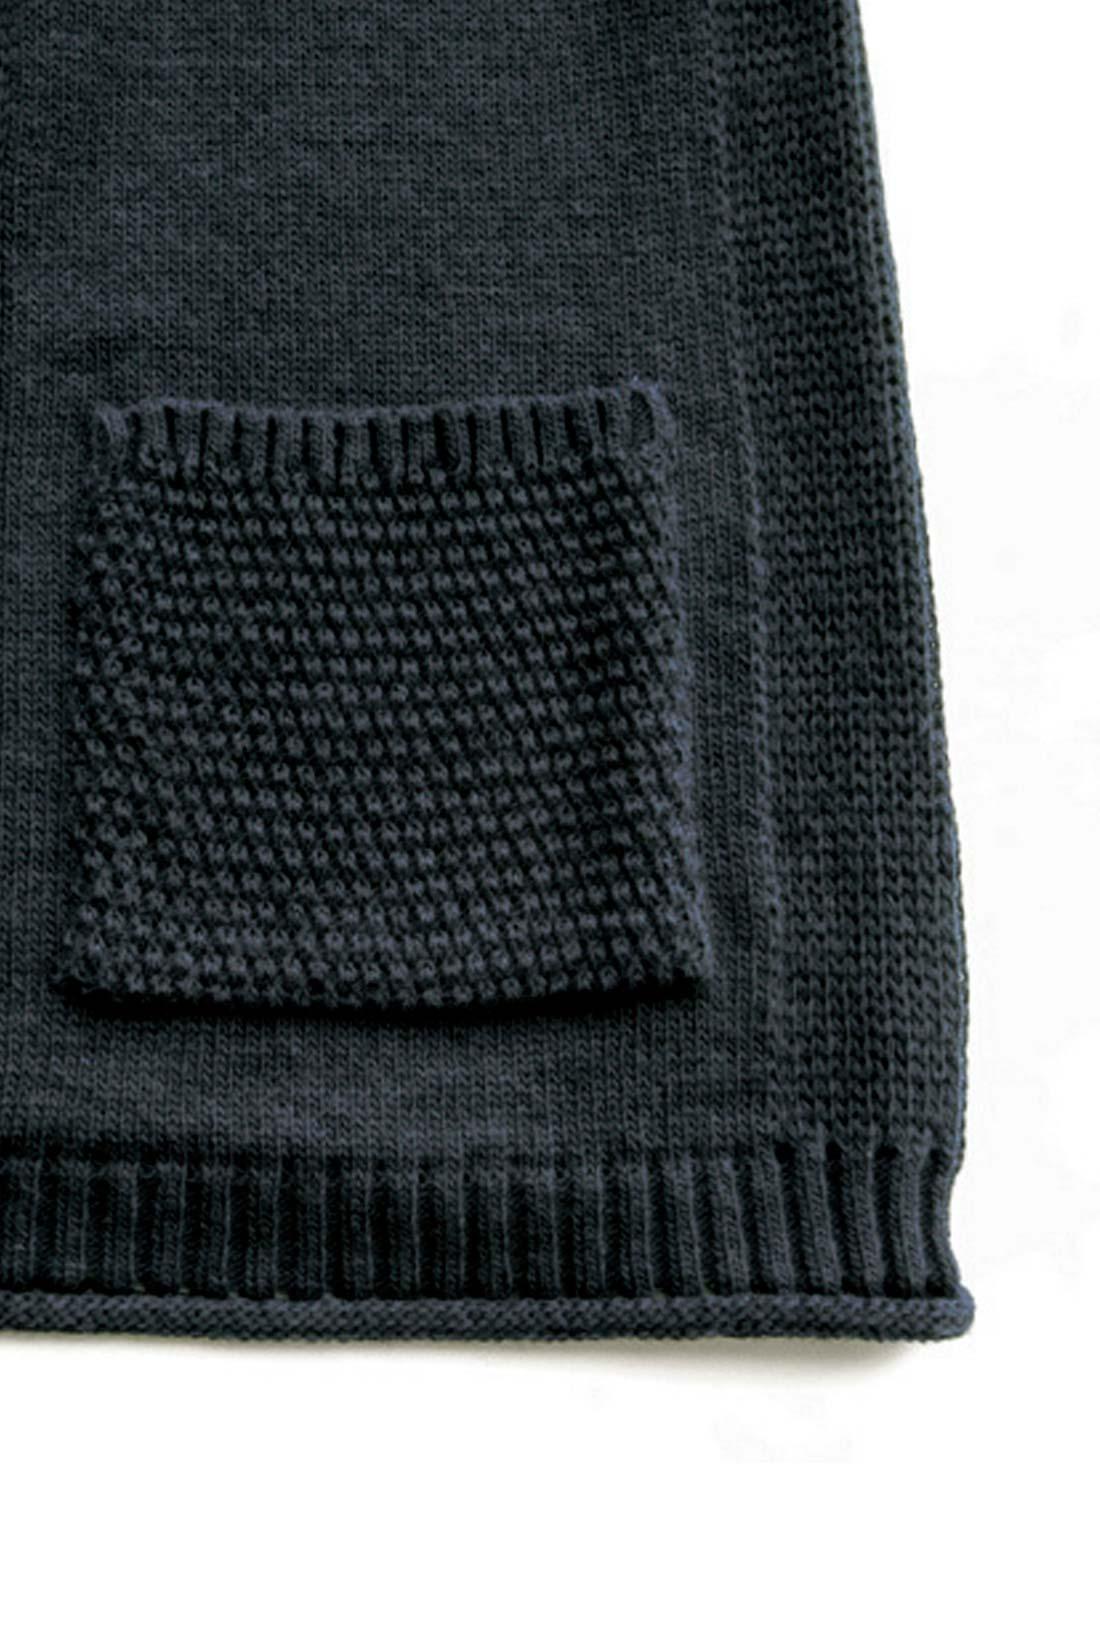 【編み目も凝っています。】編み柄を変えたり、すそをくるんとしたり。細部までこだわったよ。 ※お届けするカラーとは異なります。